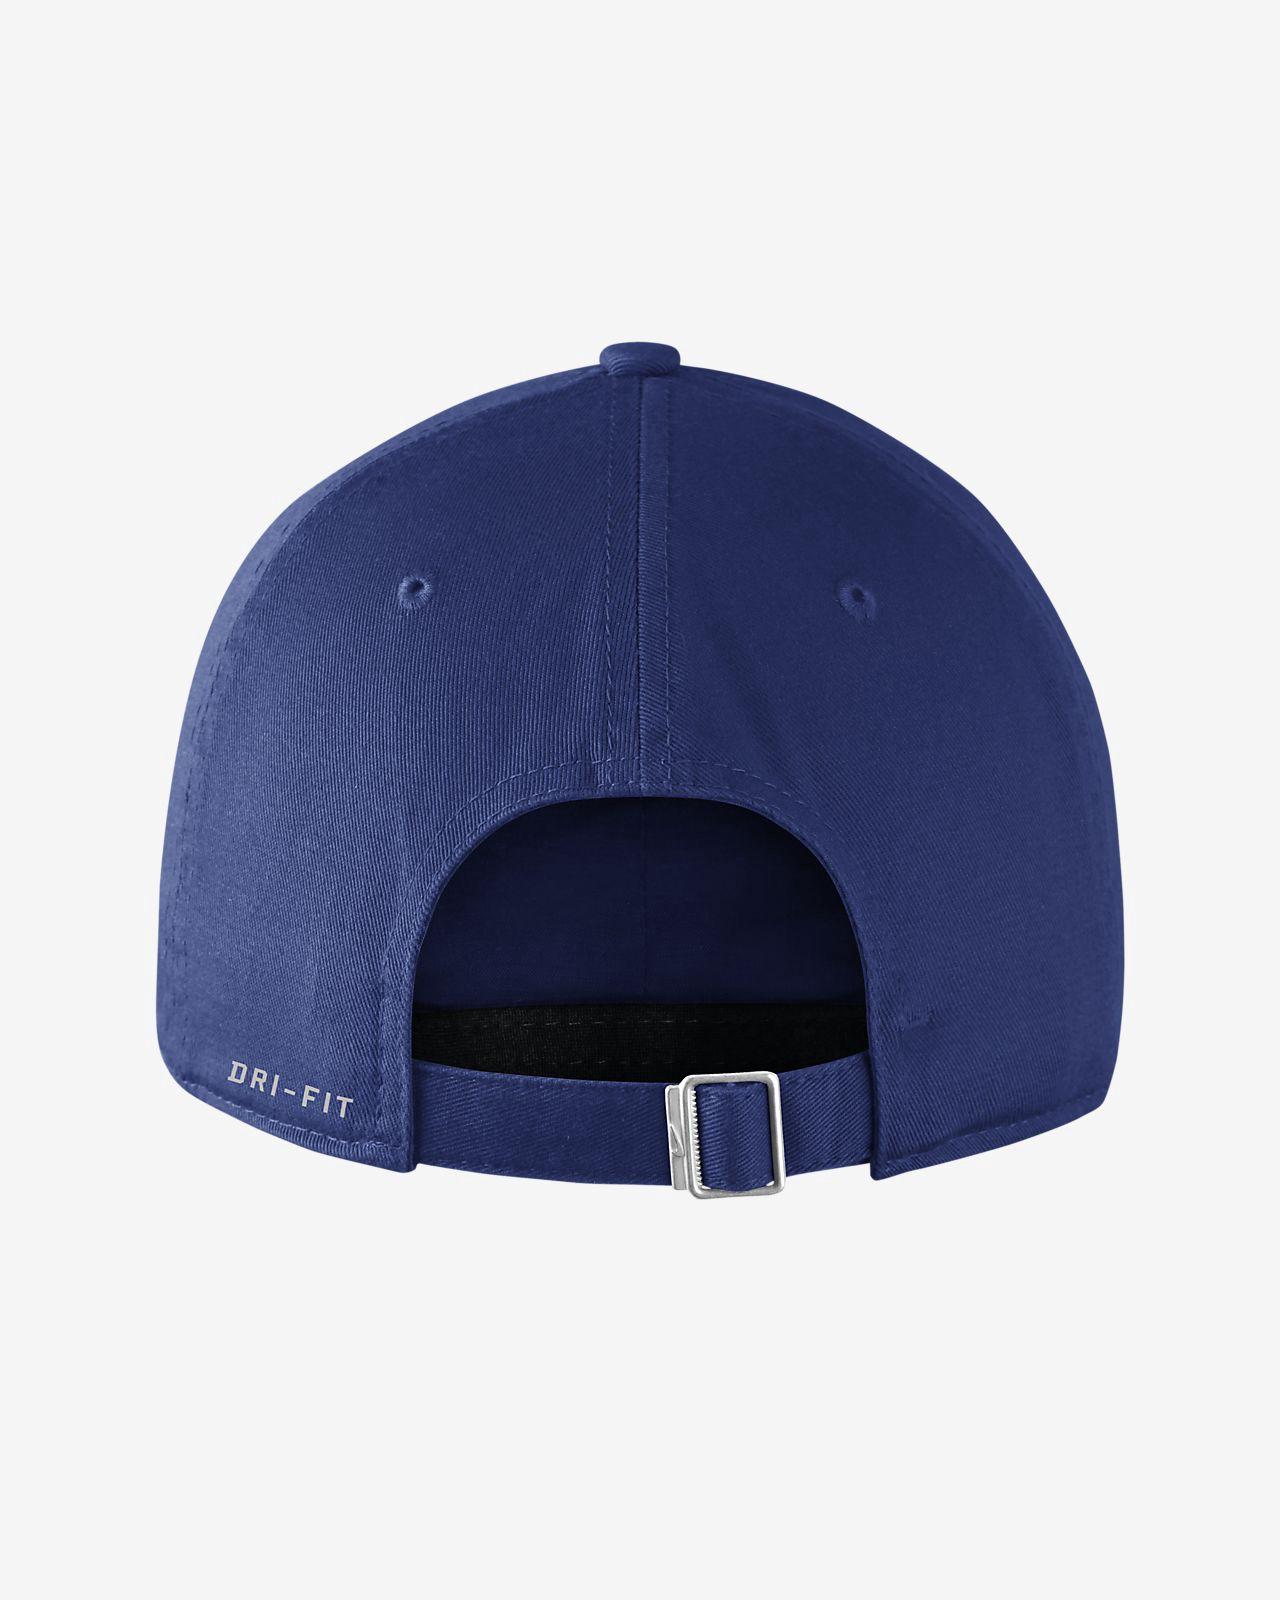 c4f173913856 Nike Heritage 86 Stadium (Mlb Blue Jays) Adjustable Hat